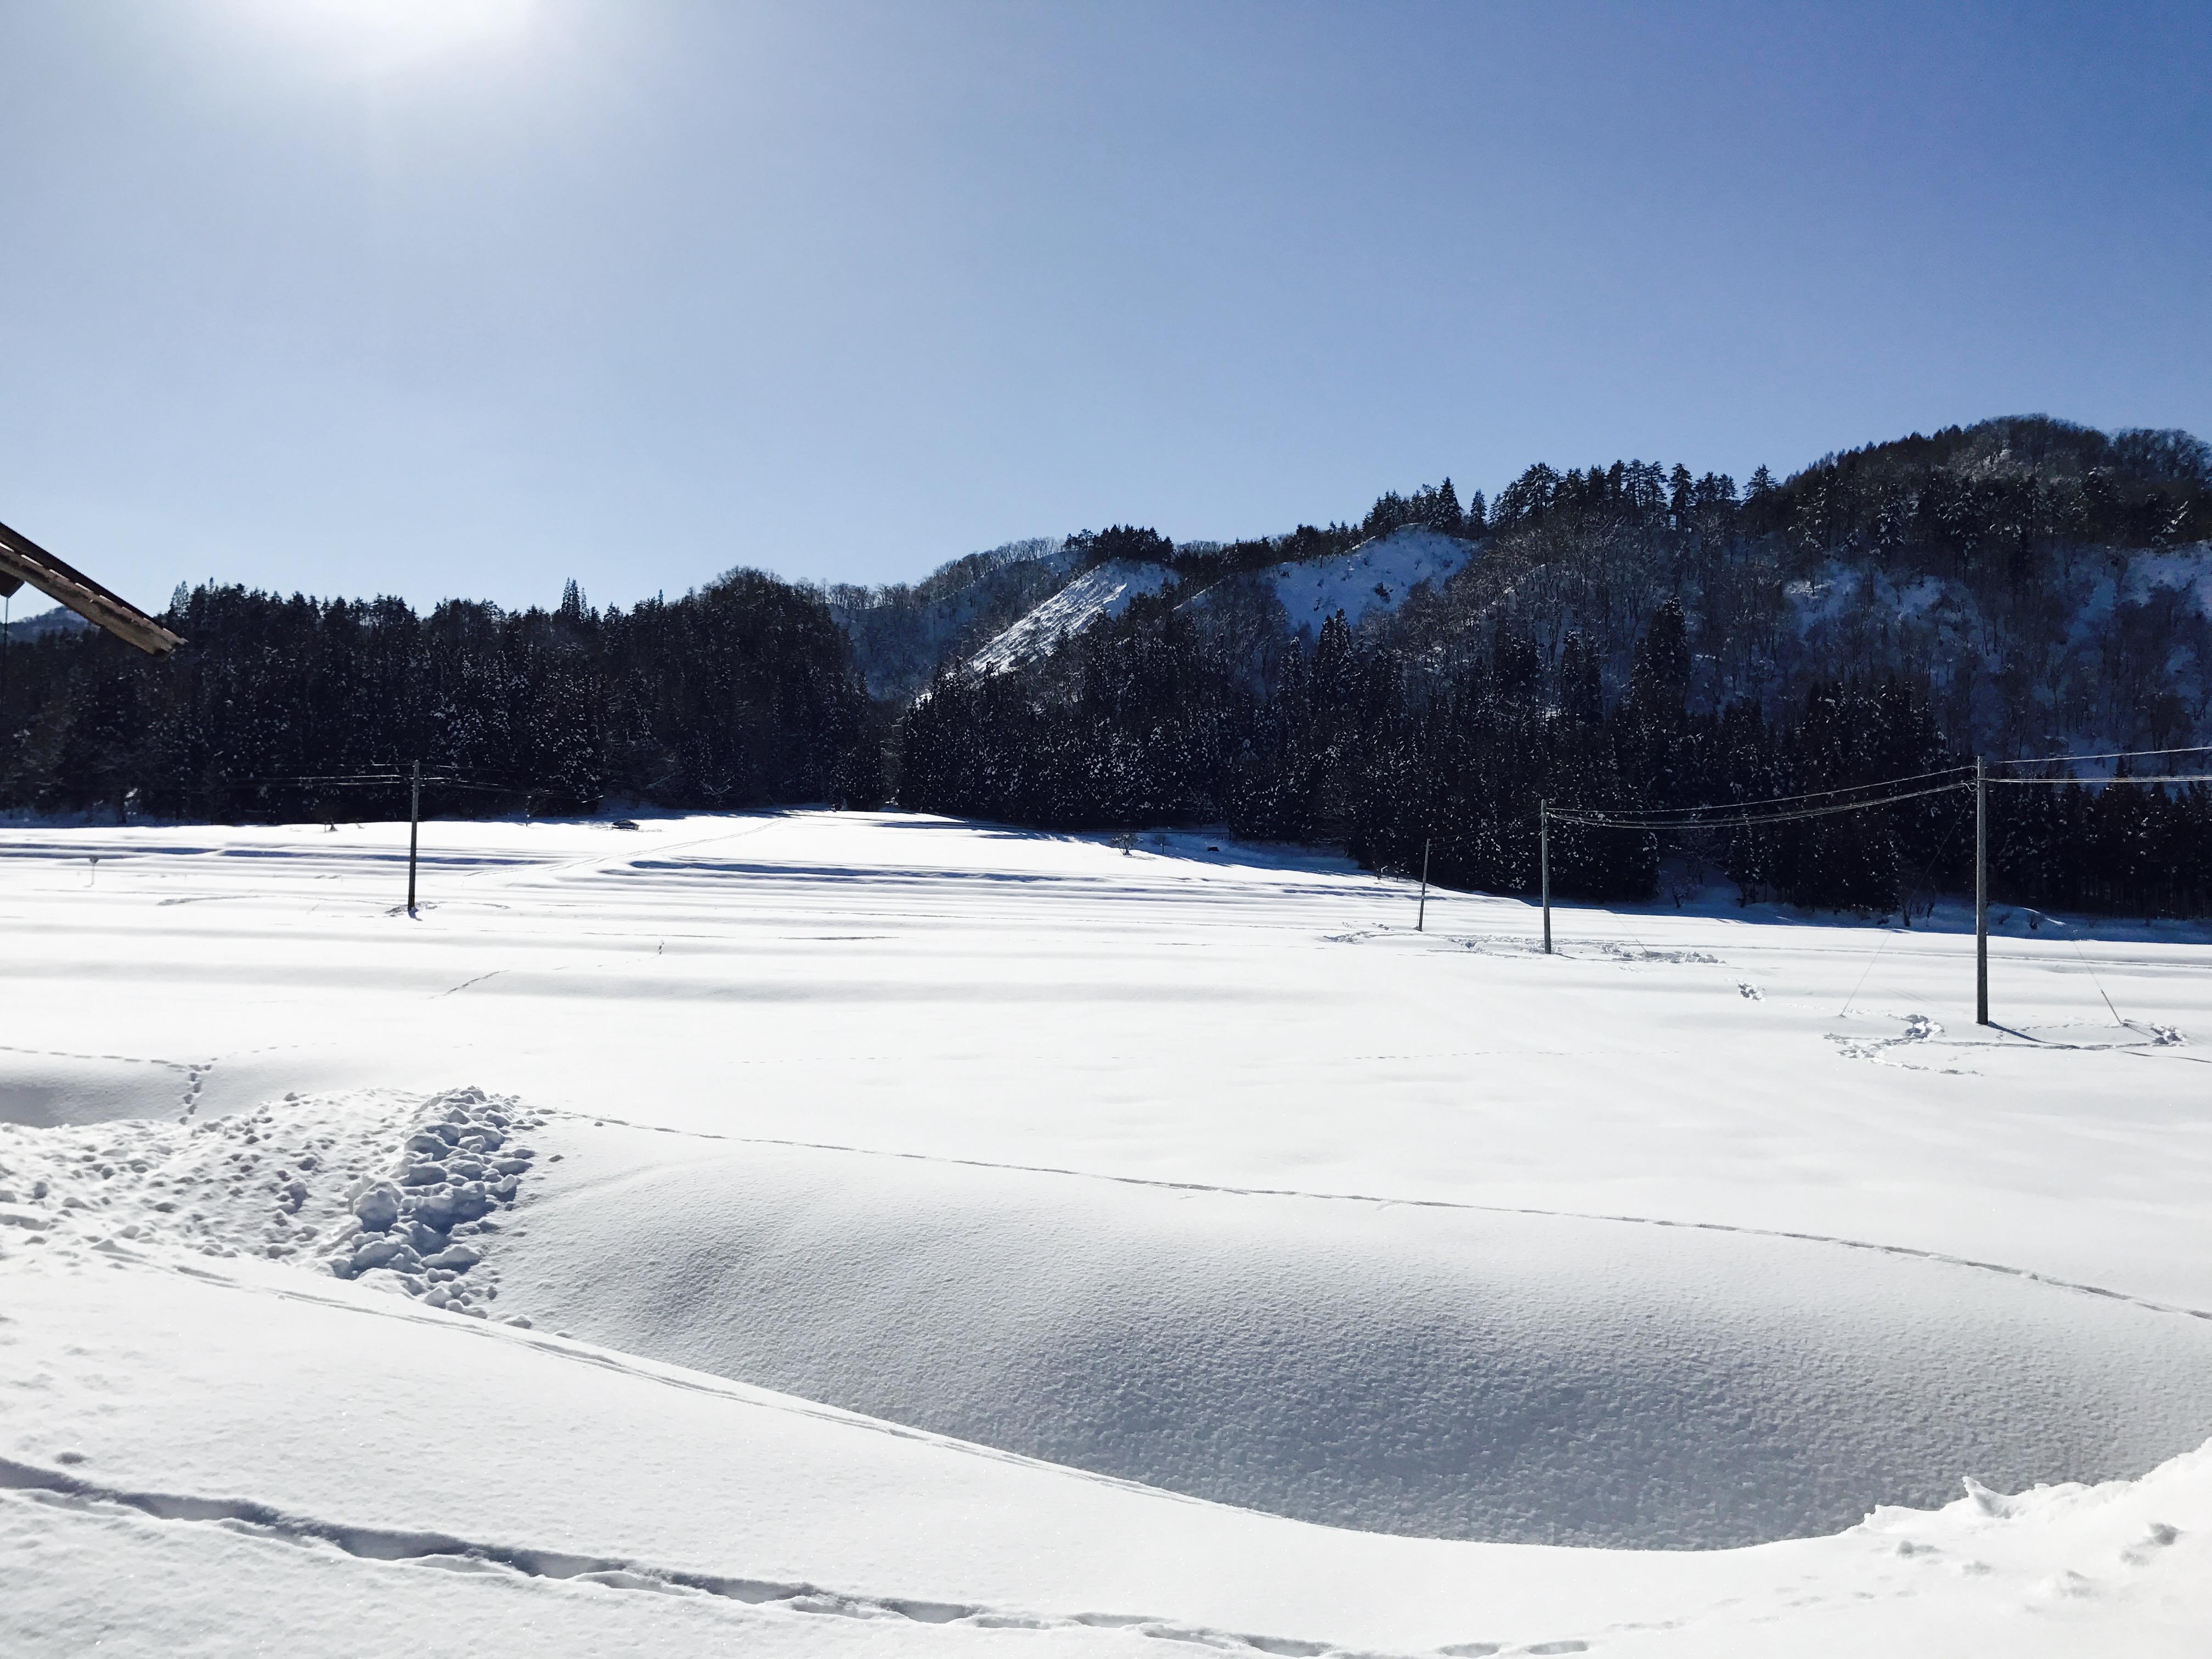 田舎の冬景色